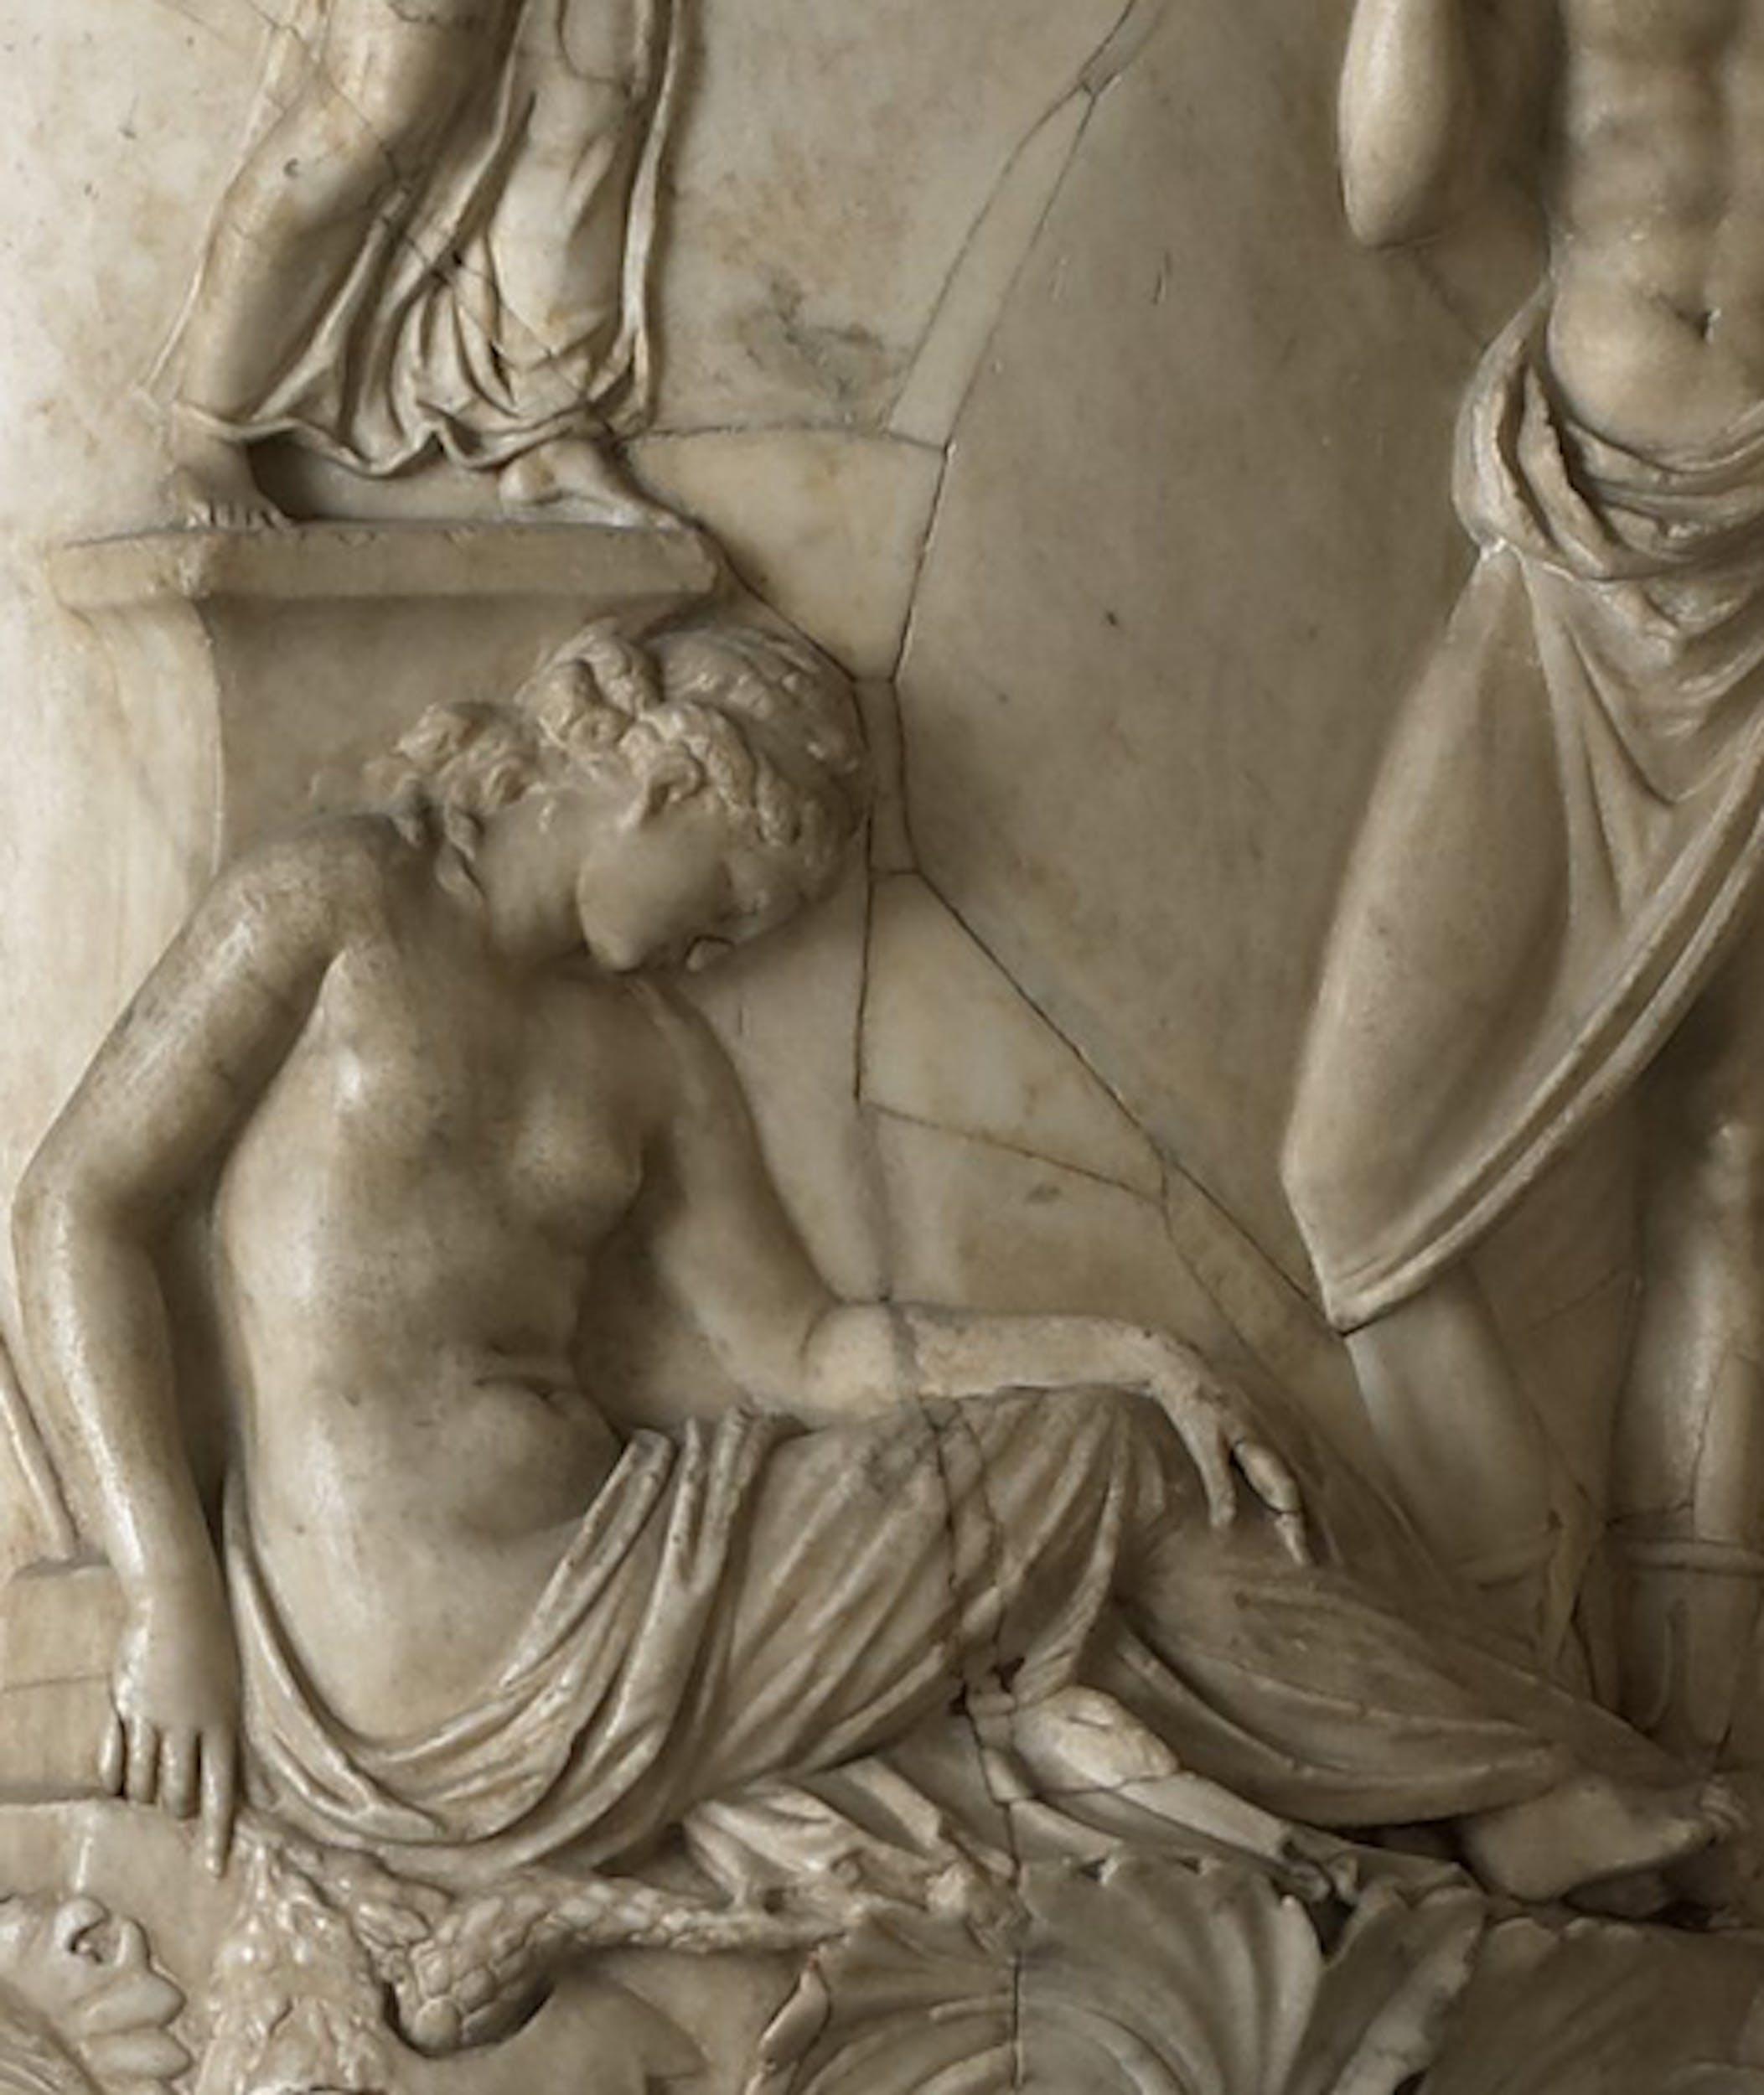 Ifigenia, dettaglio del Vaso Medici 1 secolo a.C., Uffizi, verone